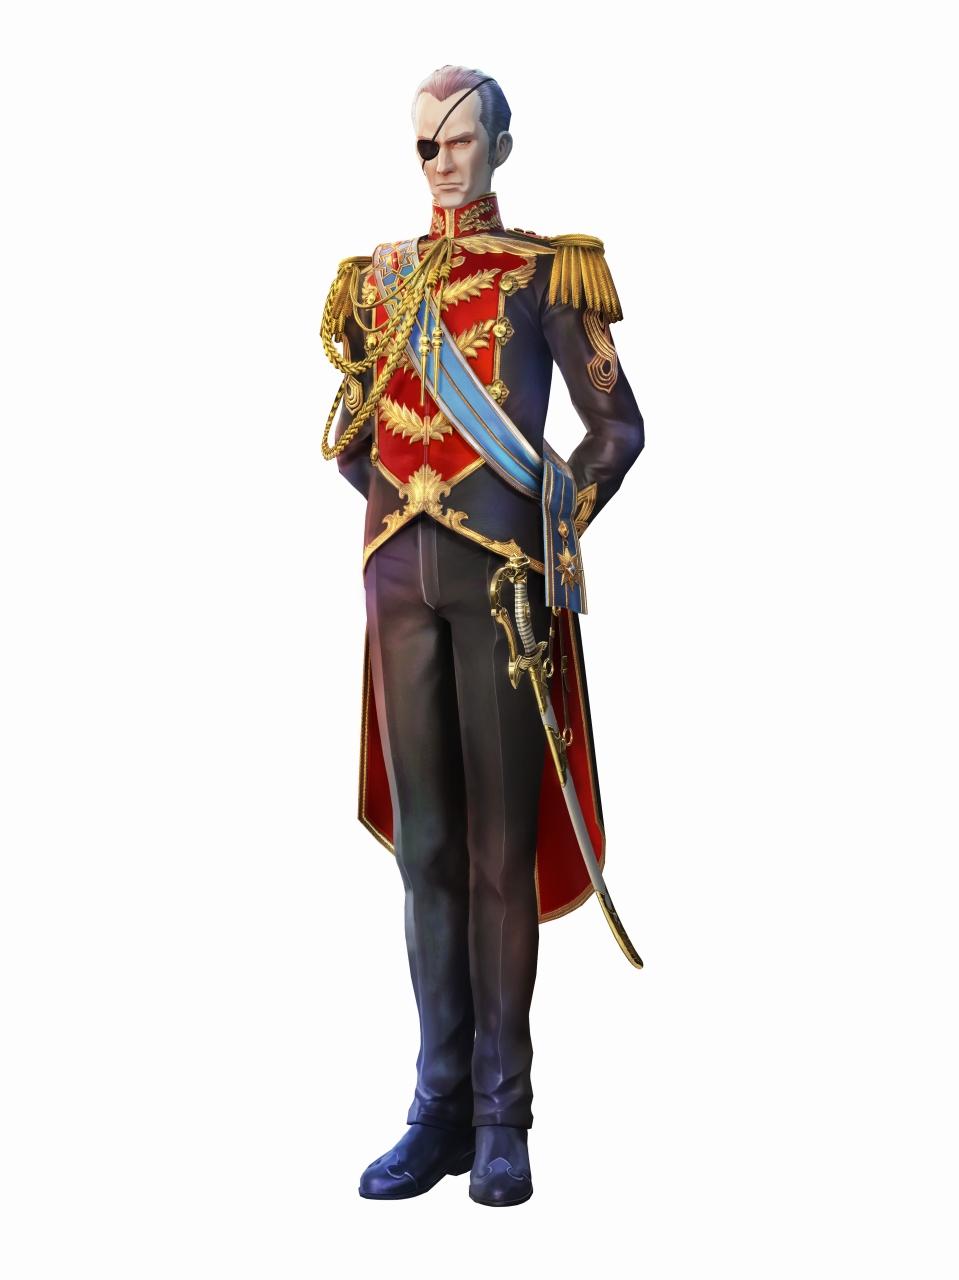 Valkyria Revolution 22